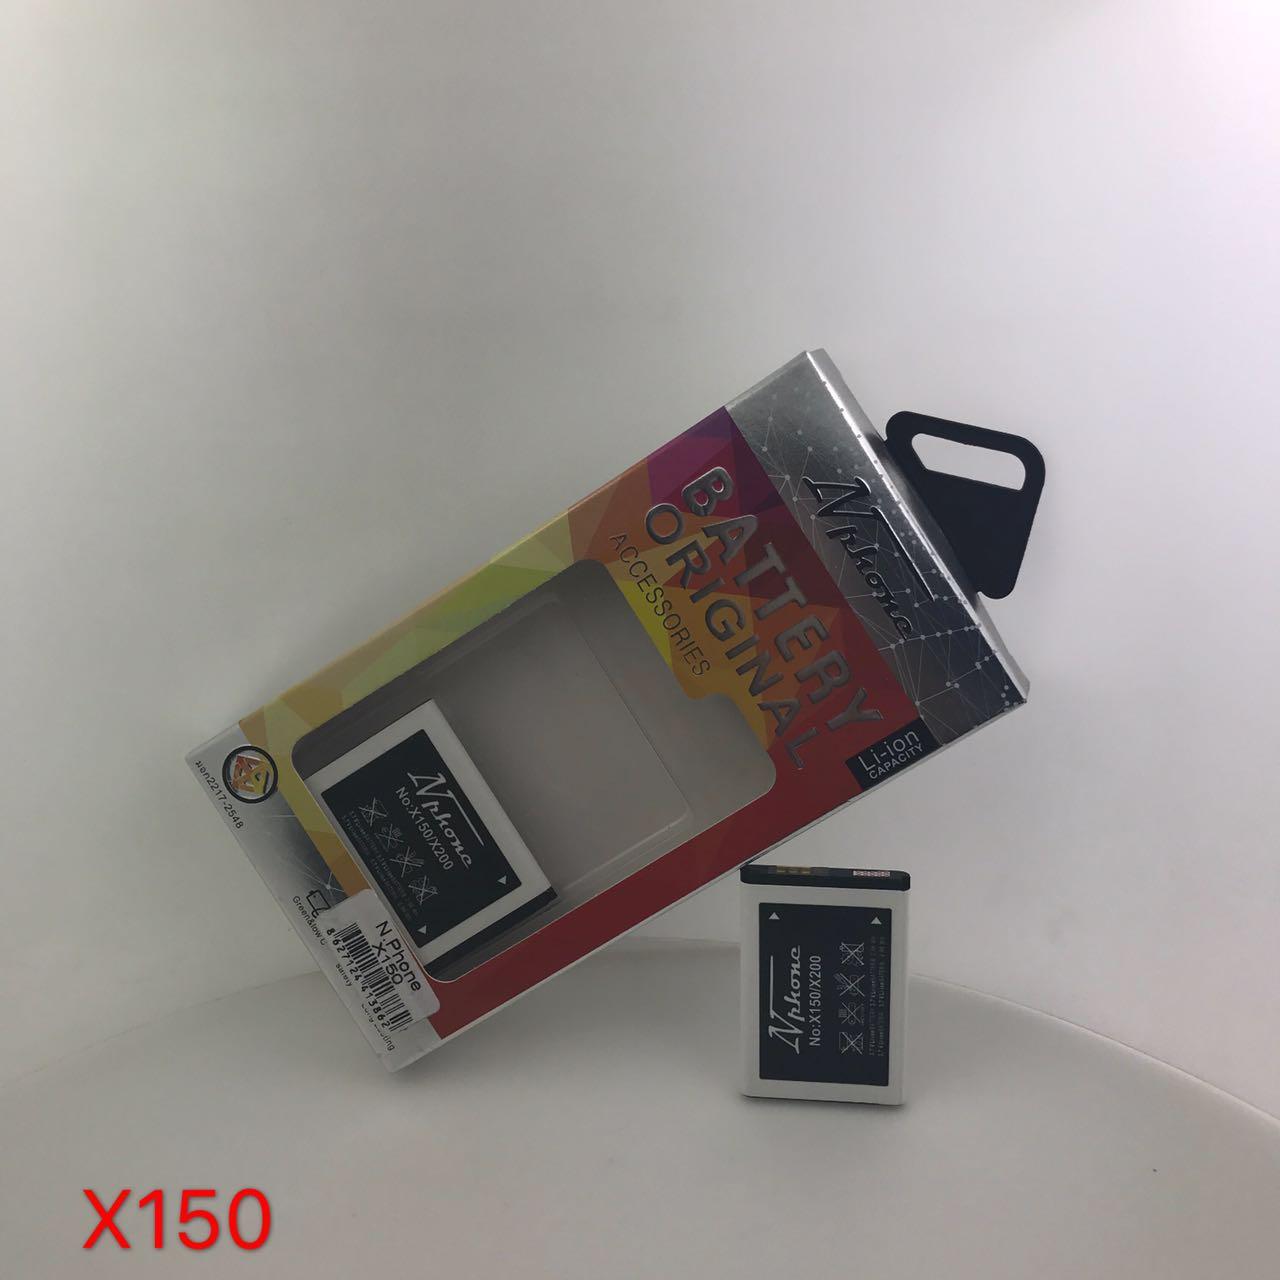 แบตเตอร์รี่ งานบริษัท ( มี มอก ไส้เต็ม ) Samsung Hero // X150